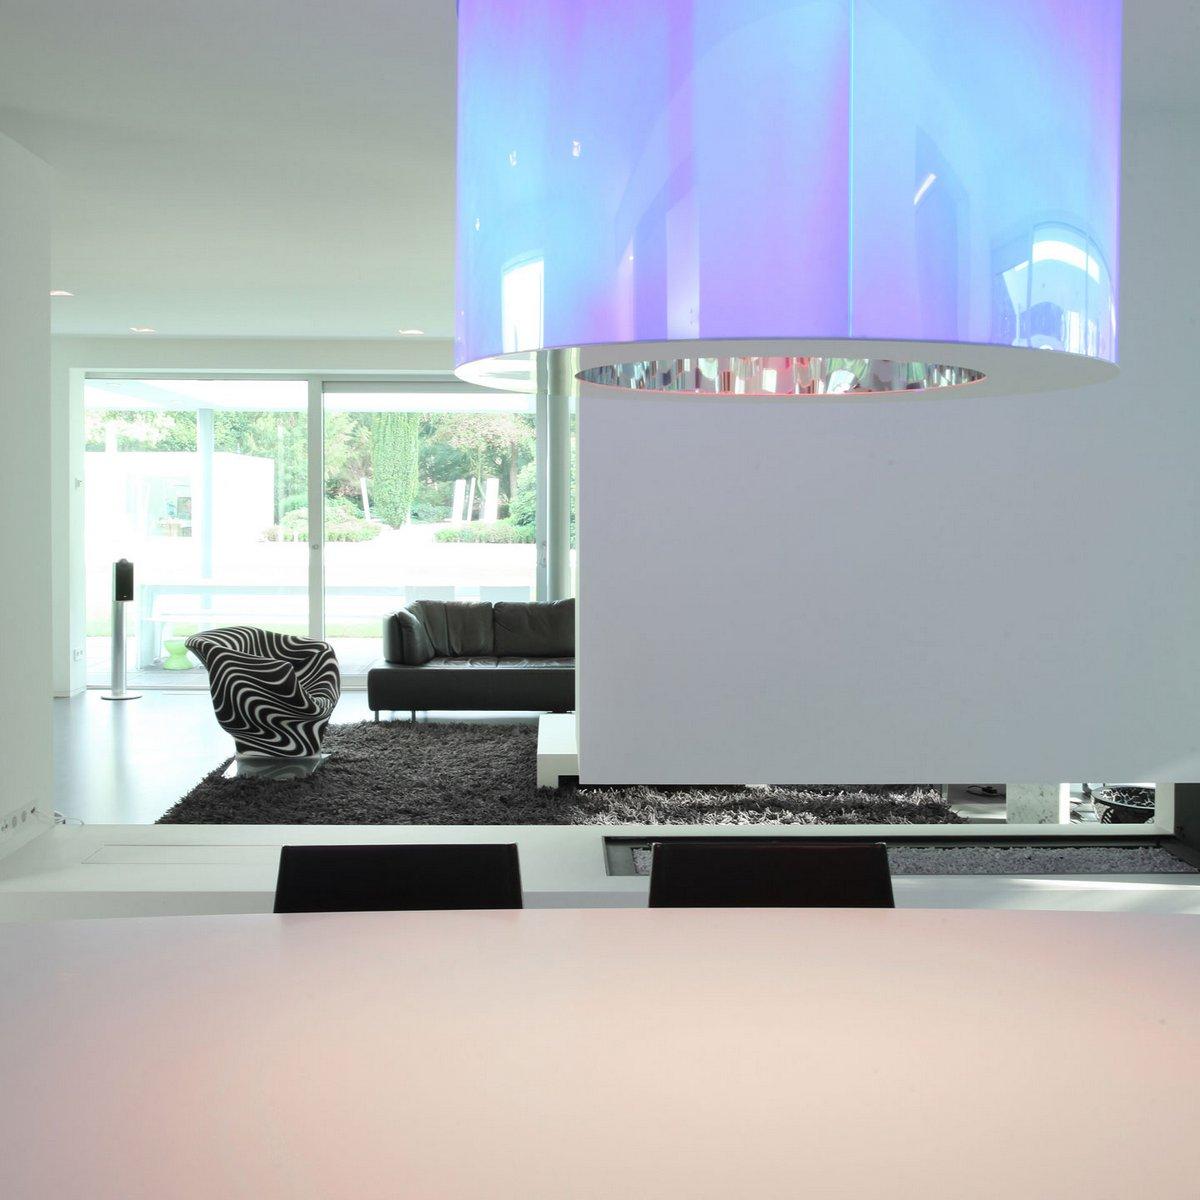 Lab32 architecten, планировка частного дома фото, нидерланды дома, современный минимализм в интерьере, светлые интерьеры домов, светлый фасад дома